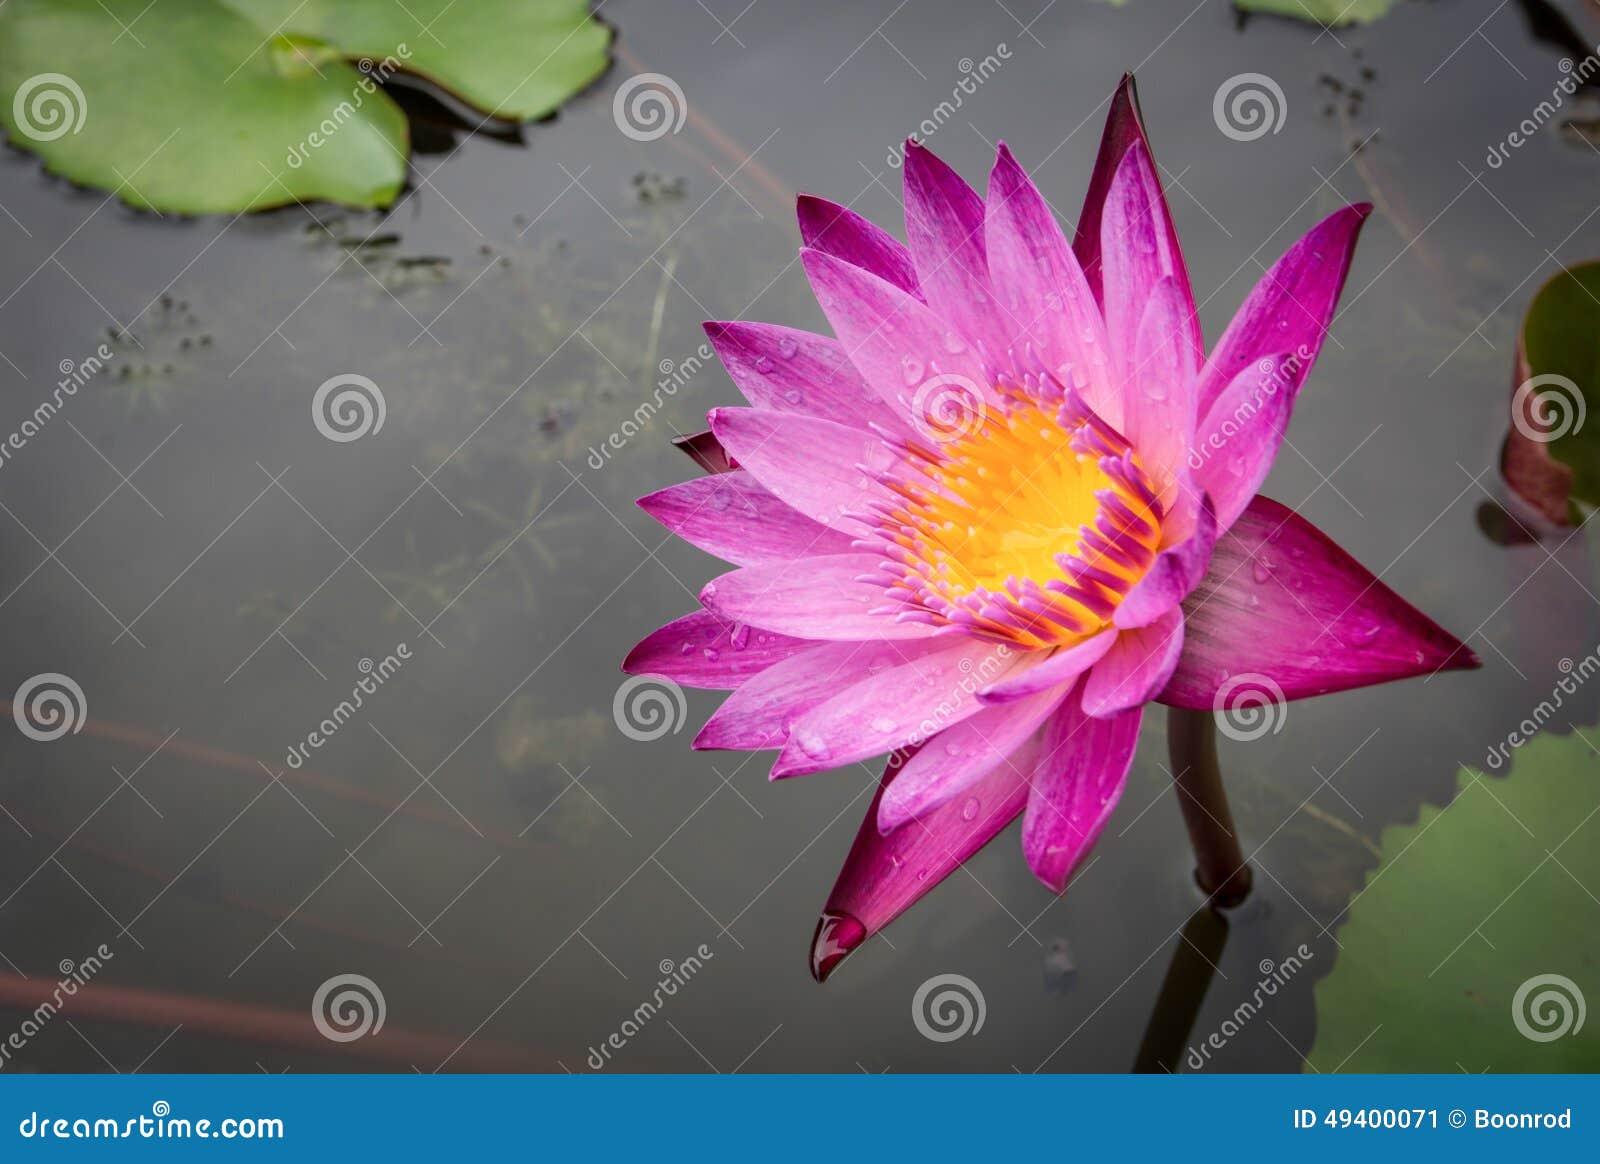 Download Lotosblume Zenabbildung stockbild. Bild von magenta, thailand - 49400071